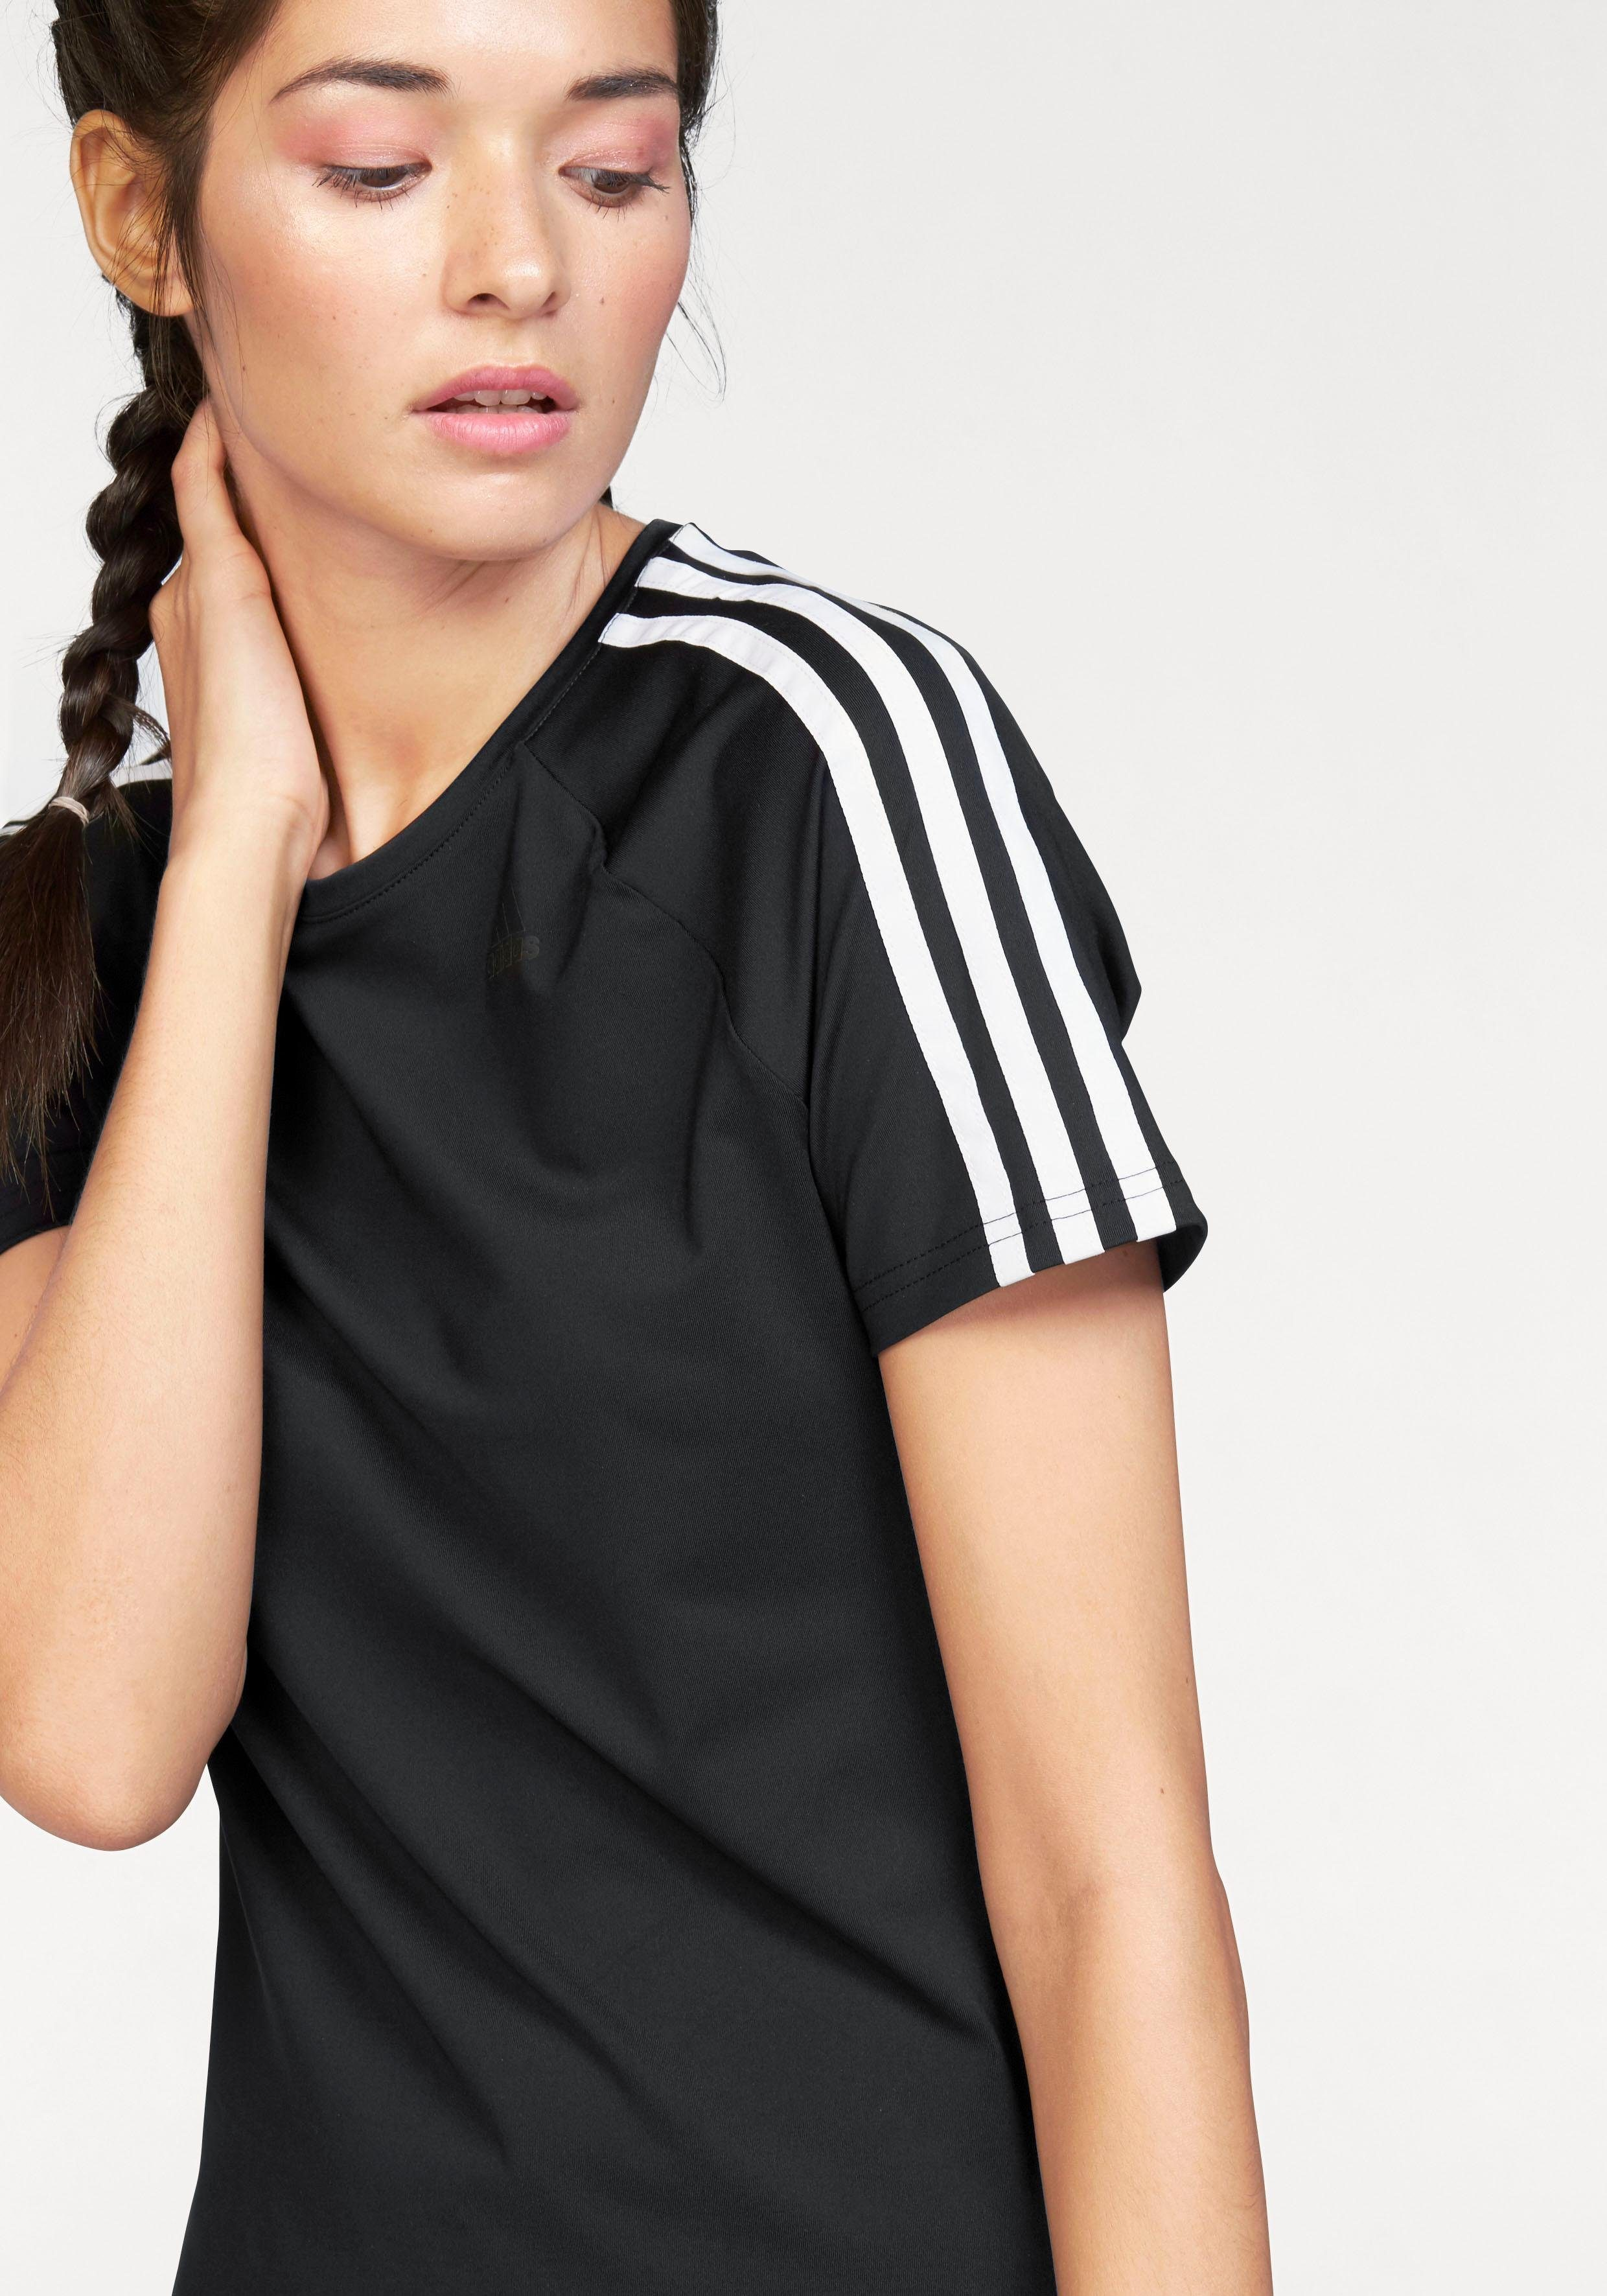 Adidas 3s« »d2m Reflektierenden Funktionsshirt Kaufen Online Tee Mit Performance Details Rj54AL3